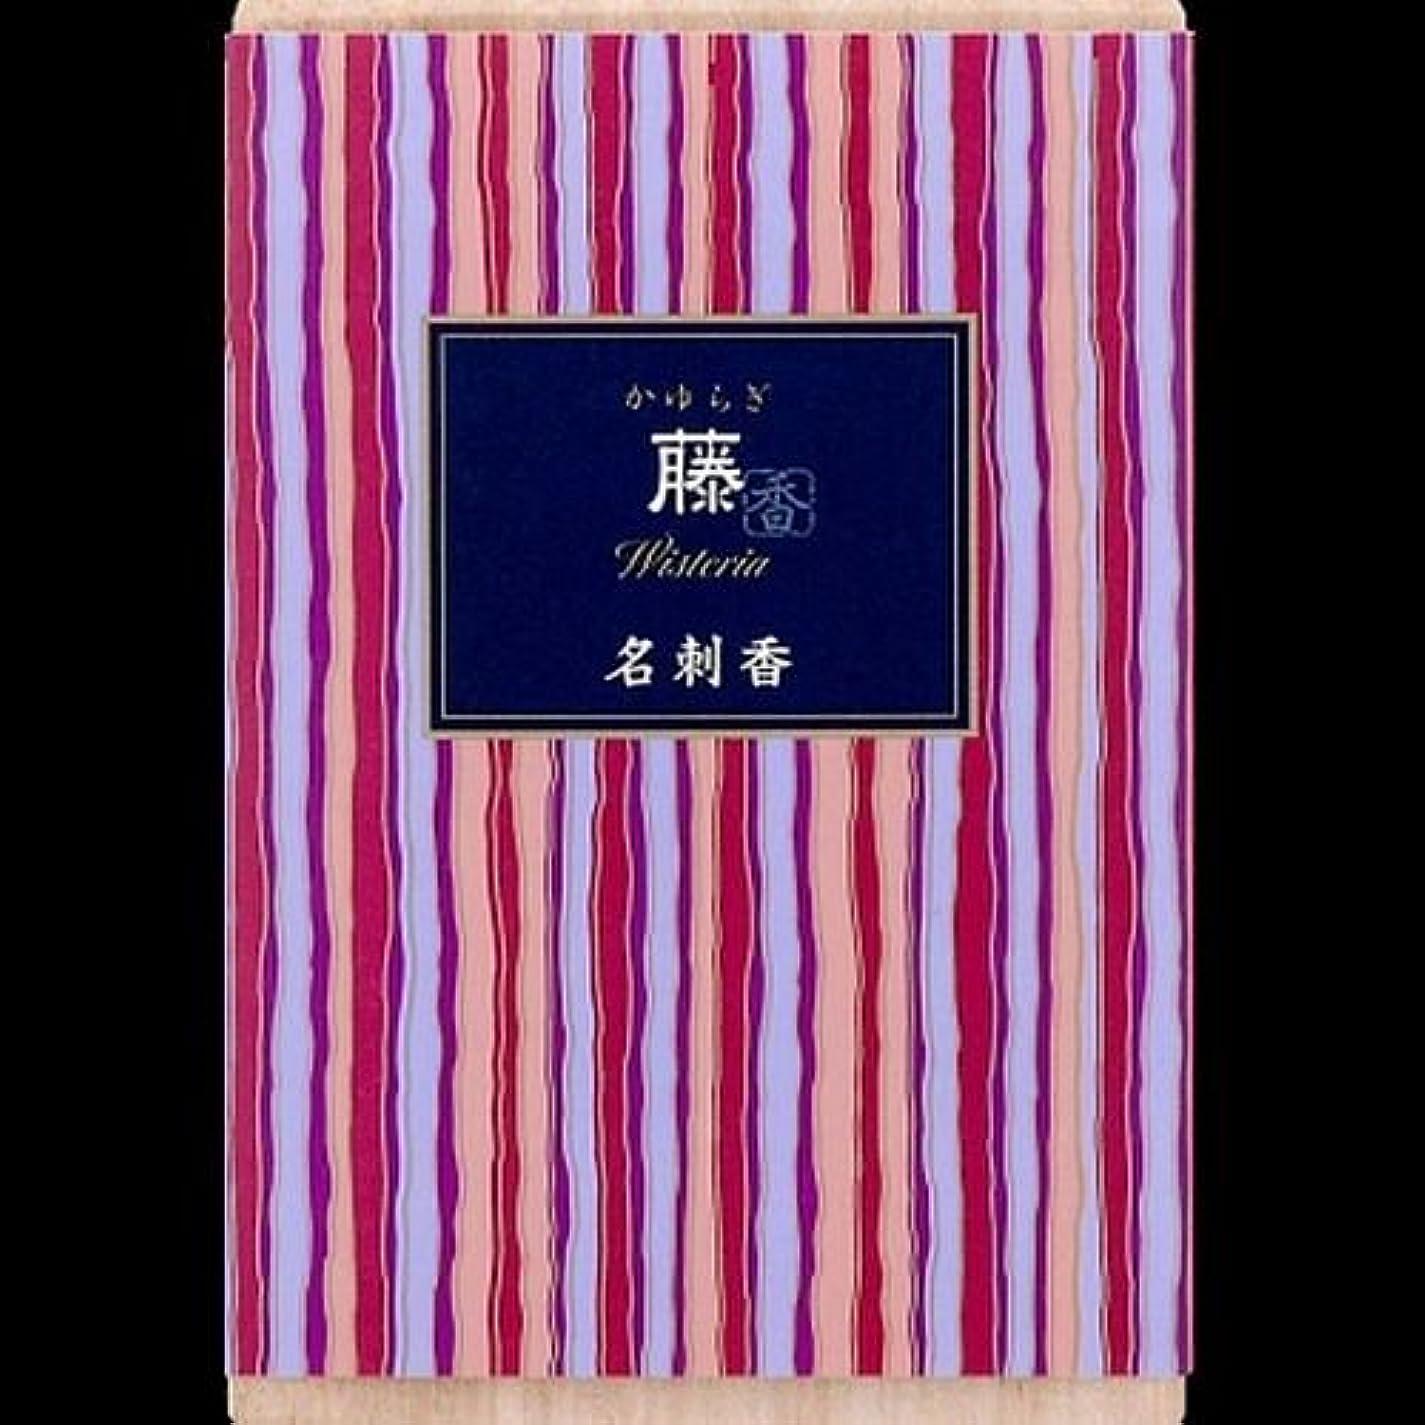 耐久上に築きます独立【まとめ買い】かゆらぎ 藤 名刺香 桐箱 6入 ×2セット